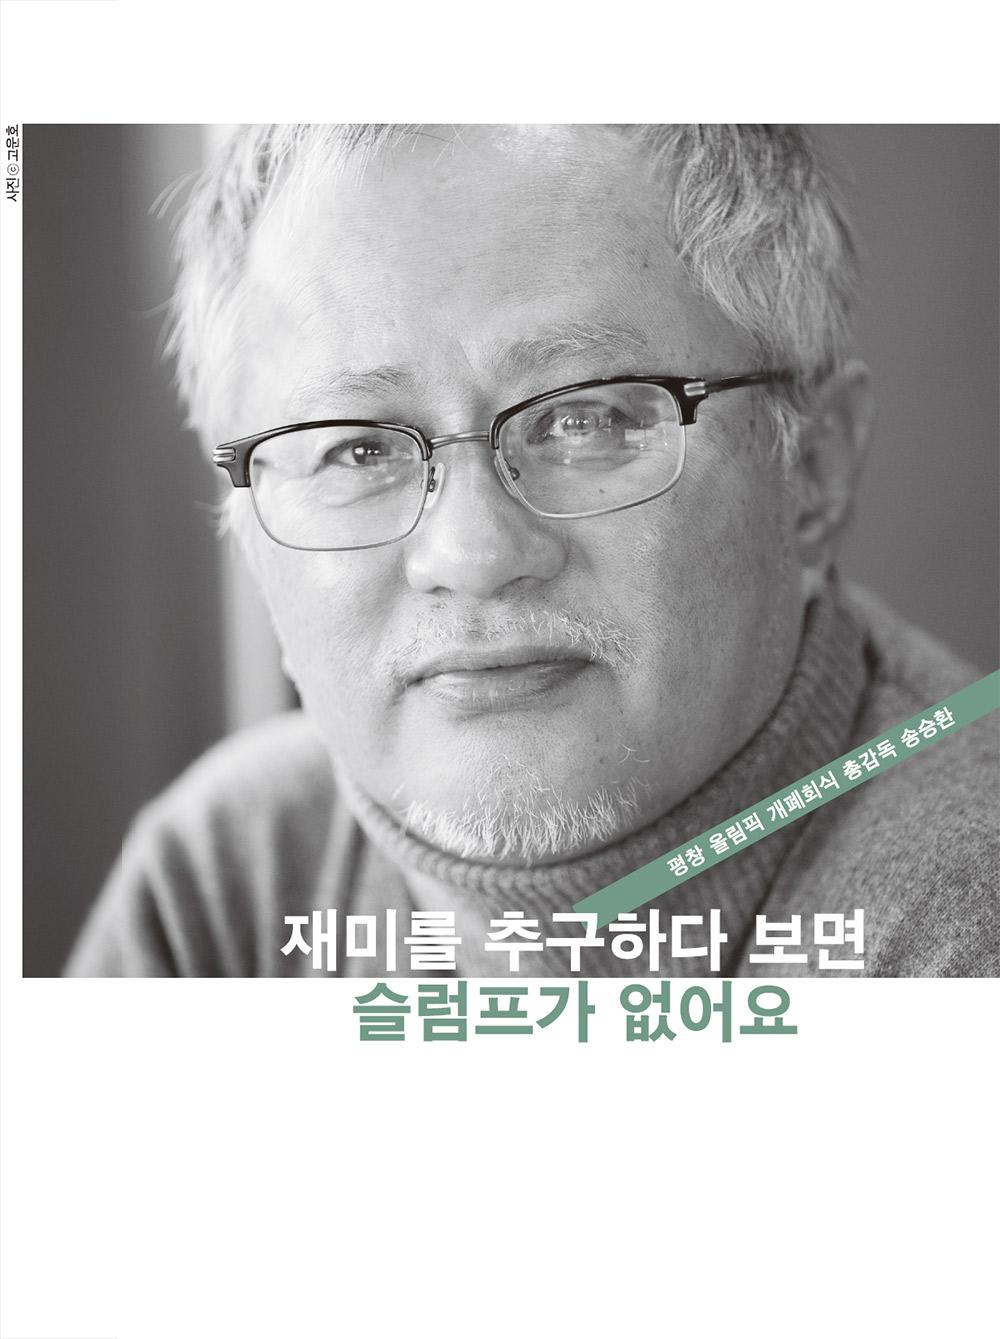 평창 올림픽 개폐회식 총감독 송승환 ⓒ어떤책